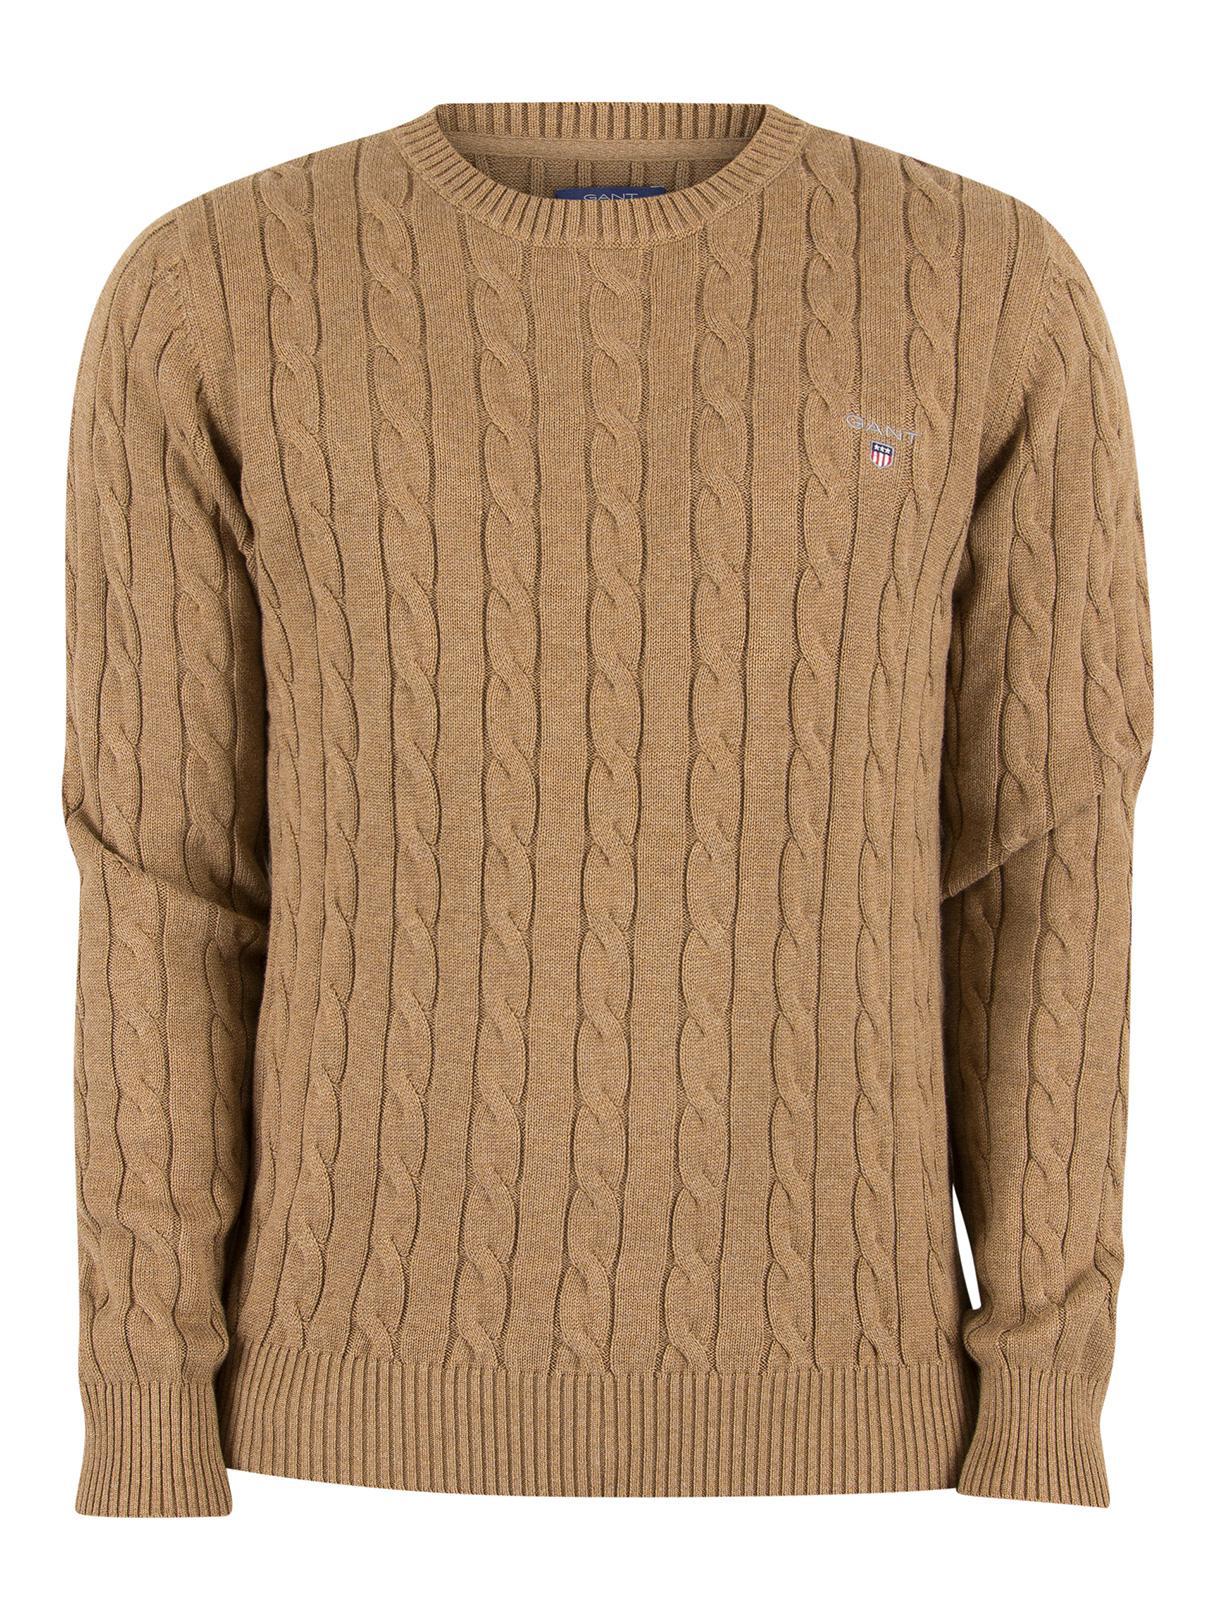 a5df1daf7d0b86 GANT Dark Sand Melange Logo Cable Knit in Natural for Men - Lyst